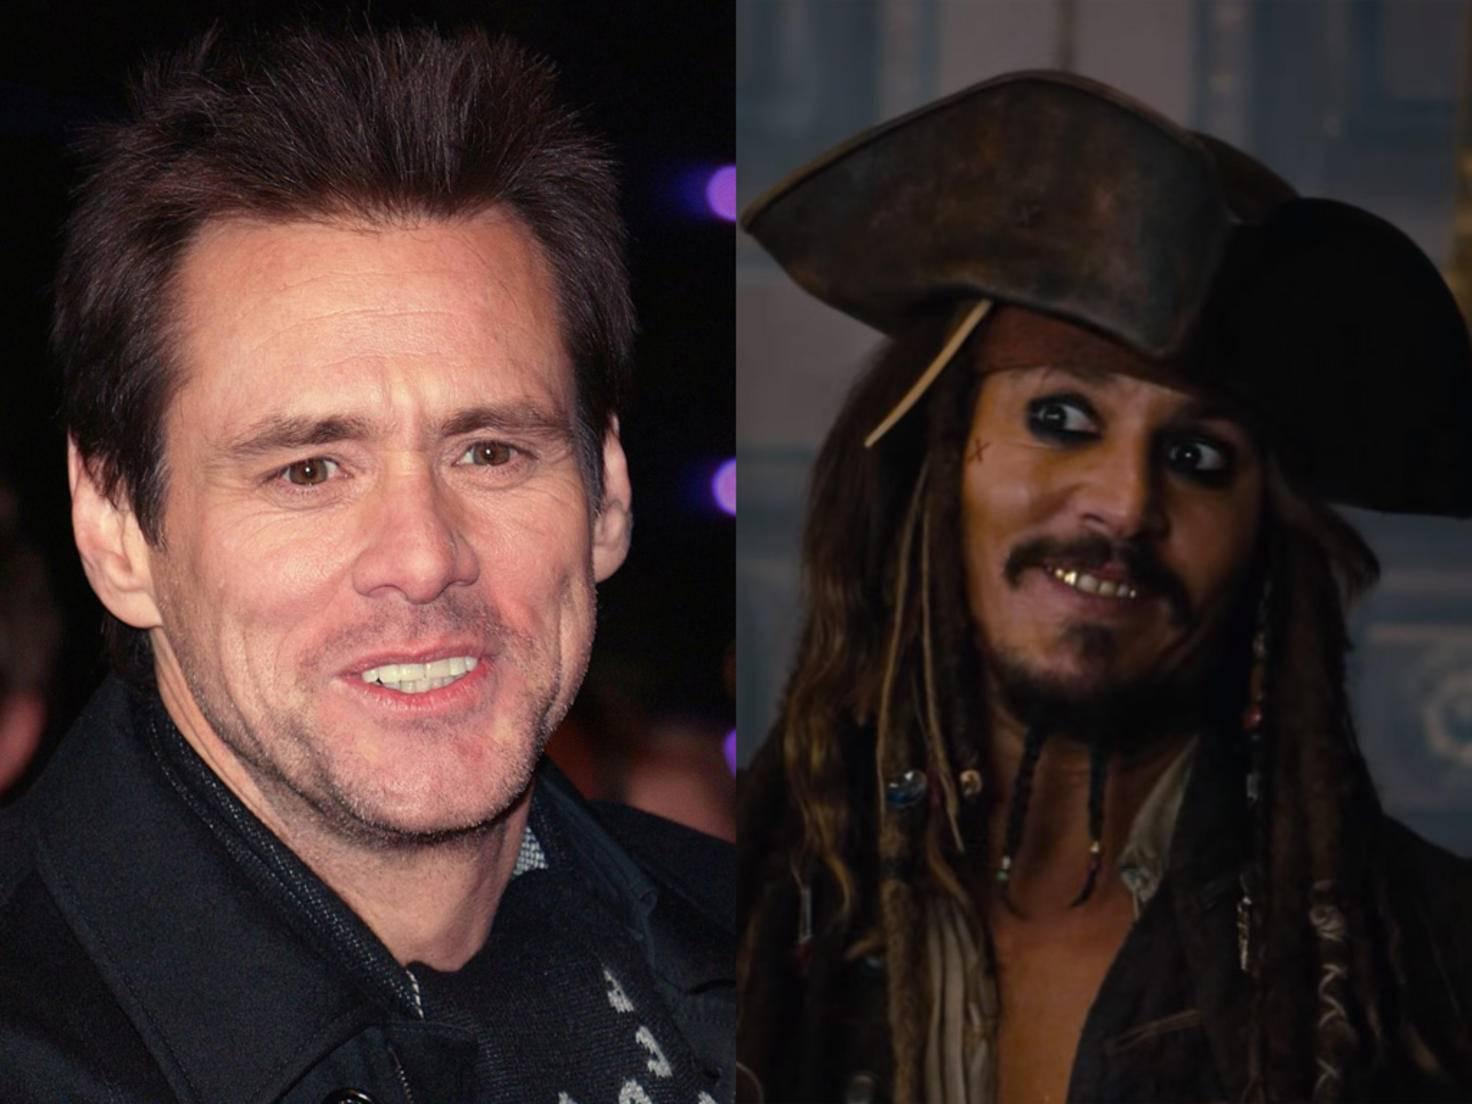 Keine Zeit: Jim Carrey verzichtete auf die Rolle des Jack Sparrow. Johnny Depp übernahm.